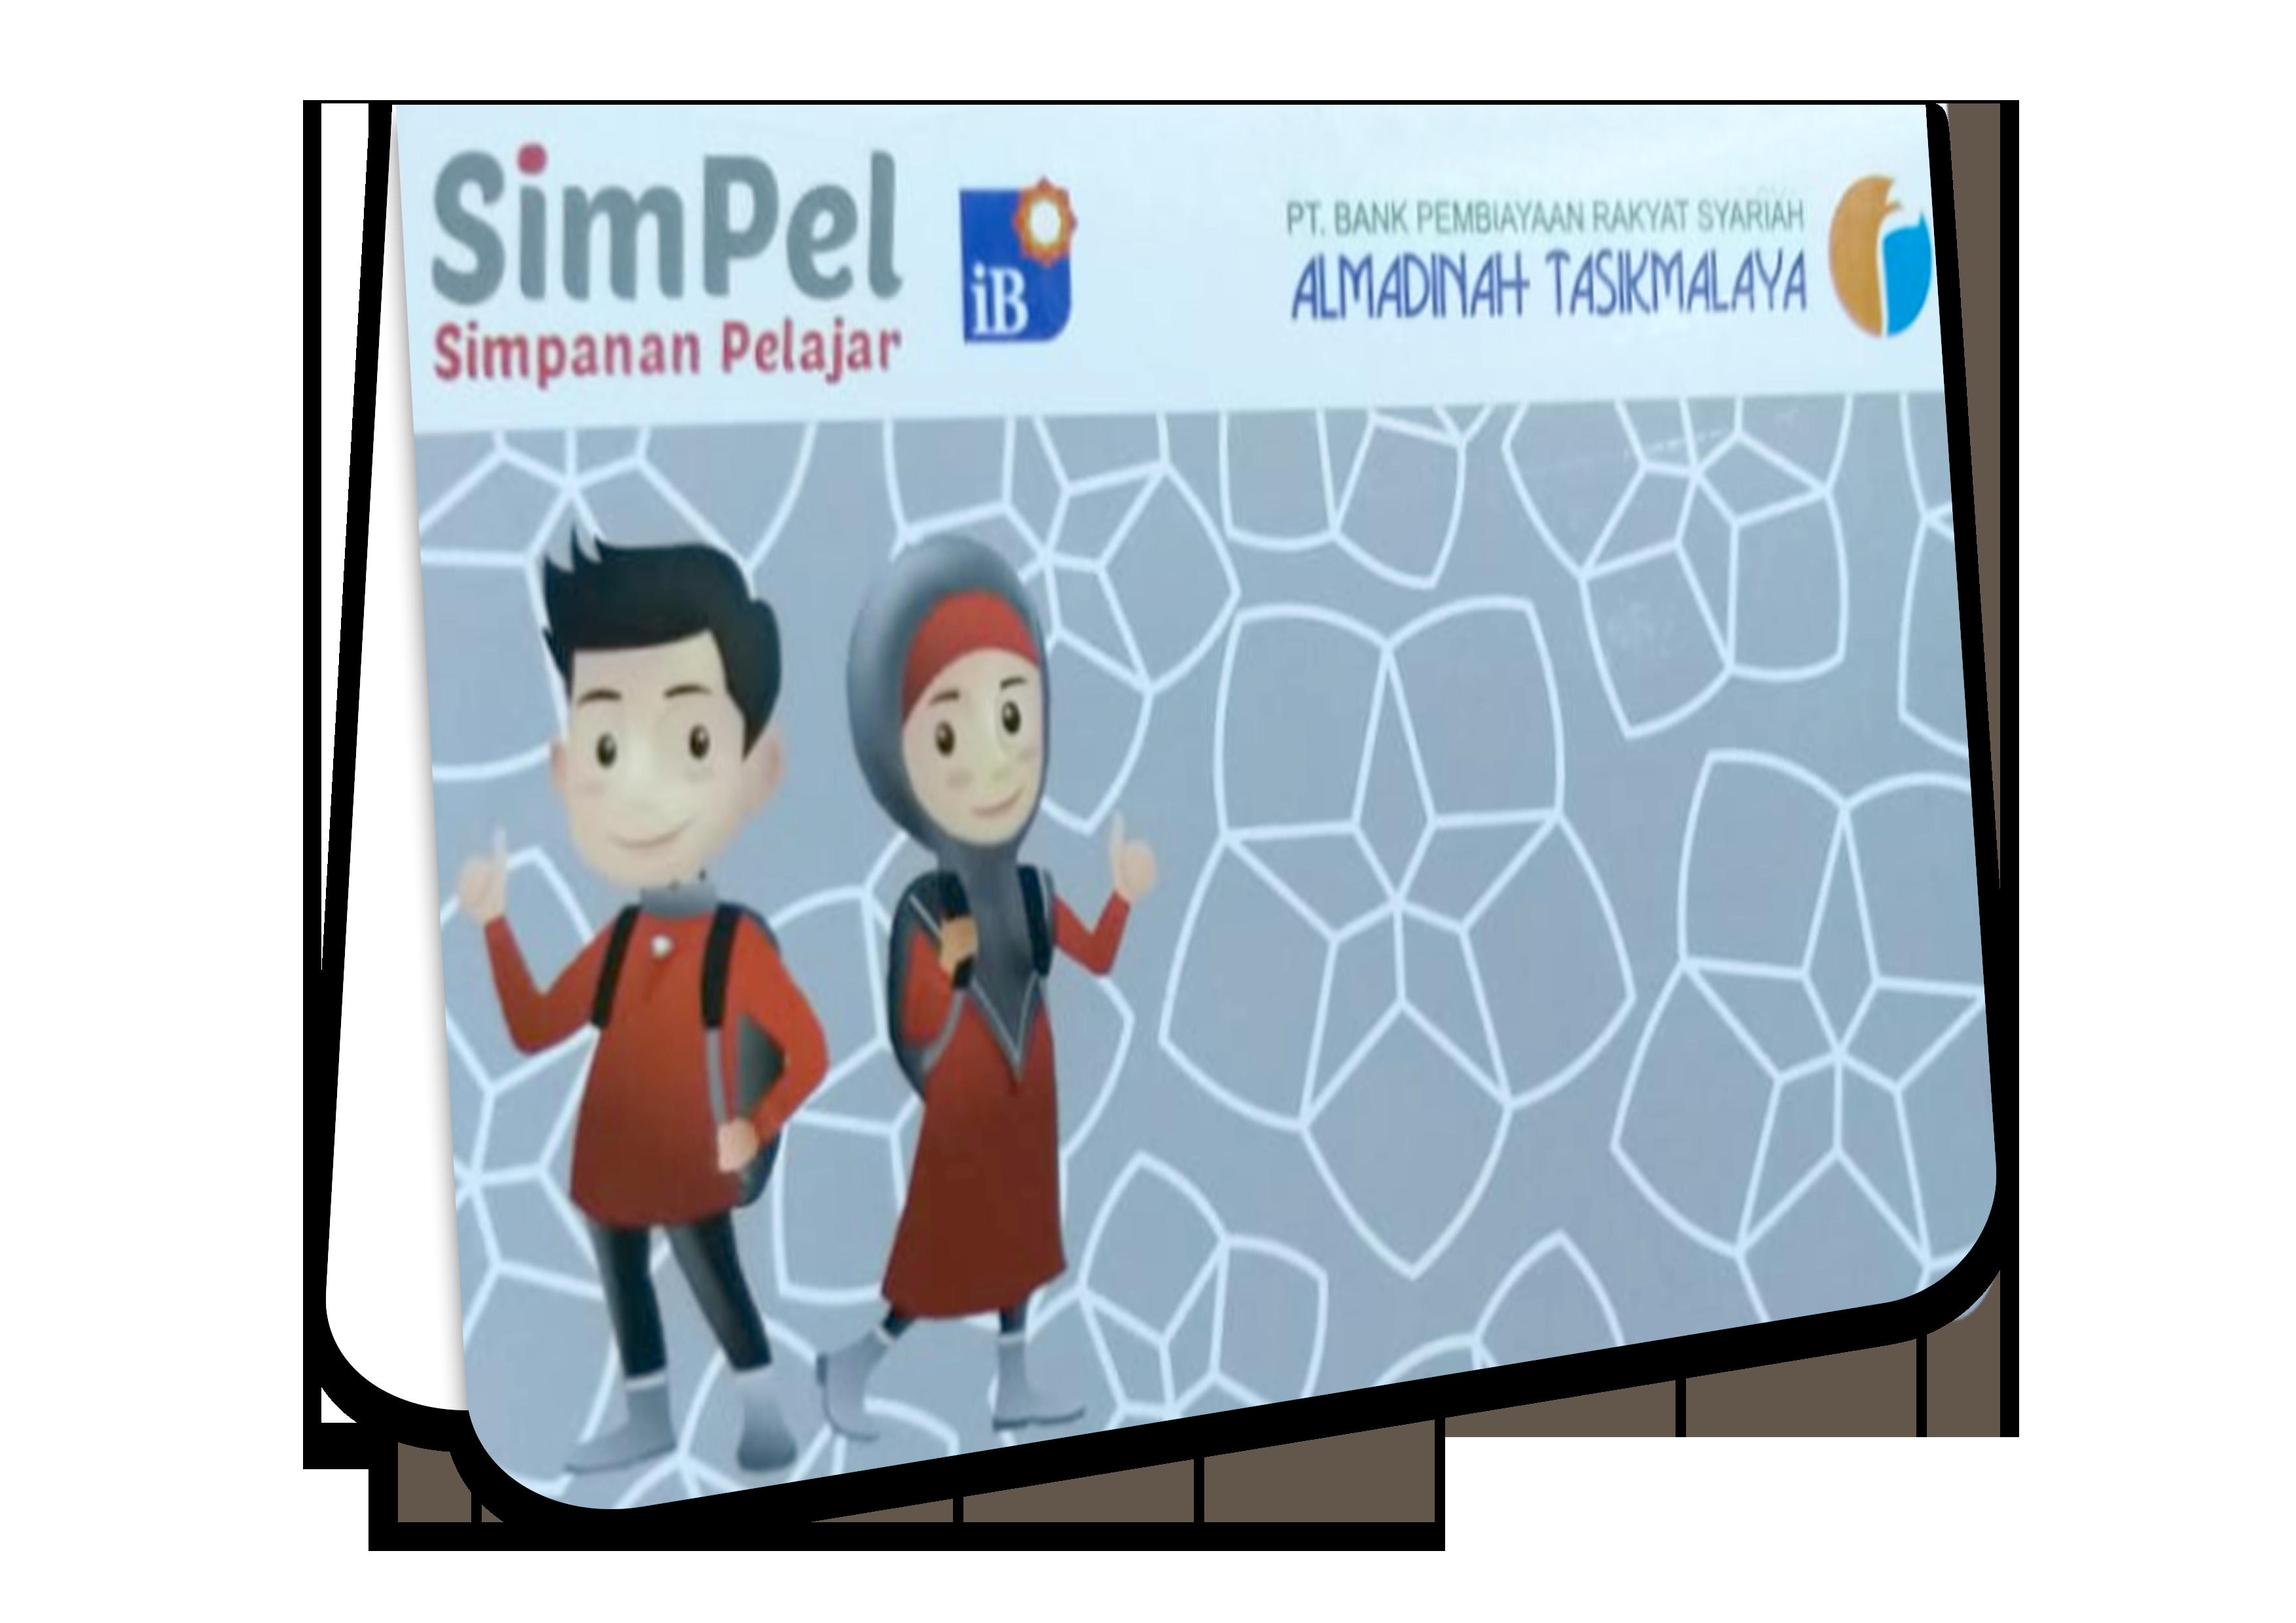 Tabungan SimPel IB